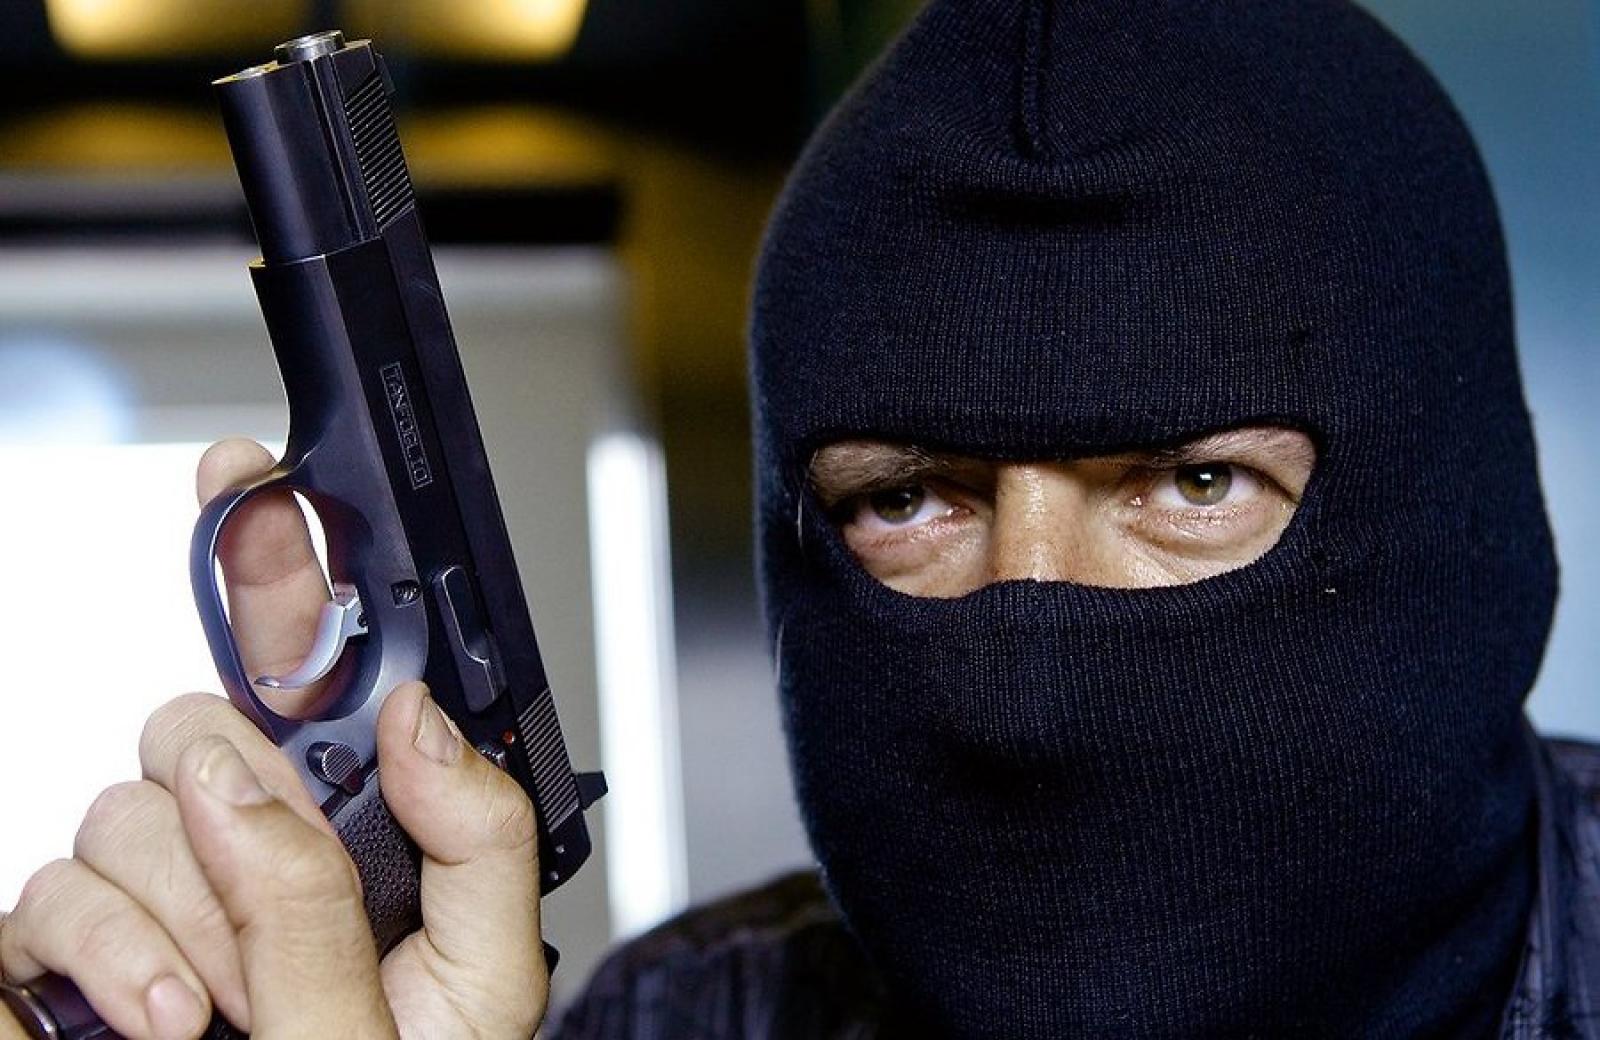 Бандит с пистолетом в картинках